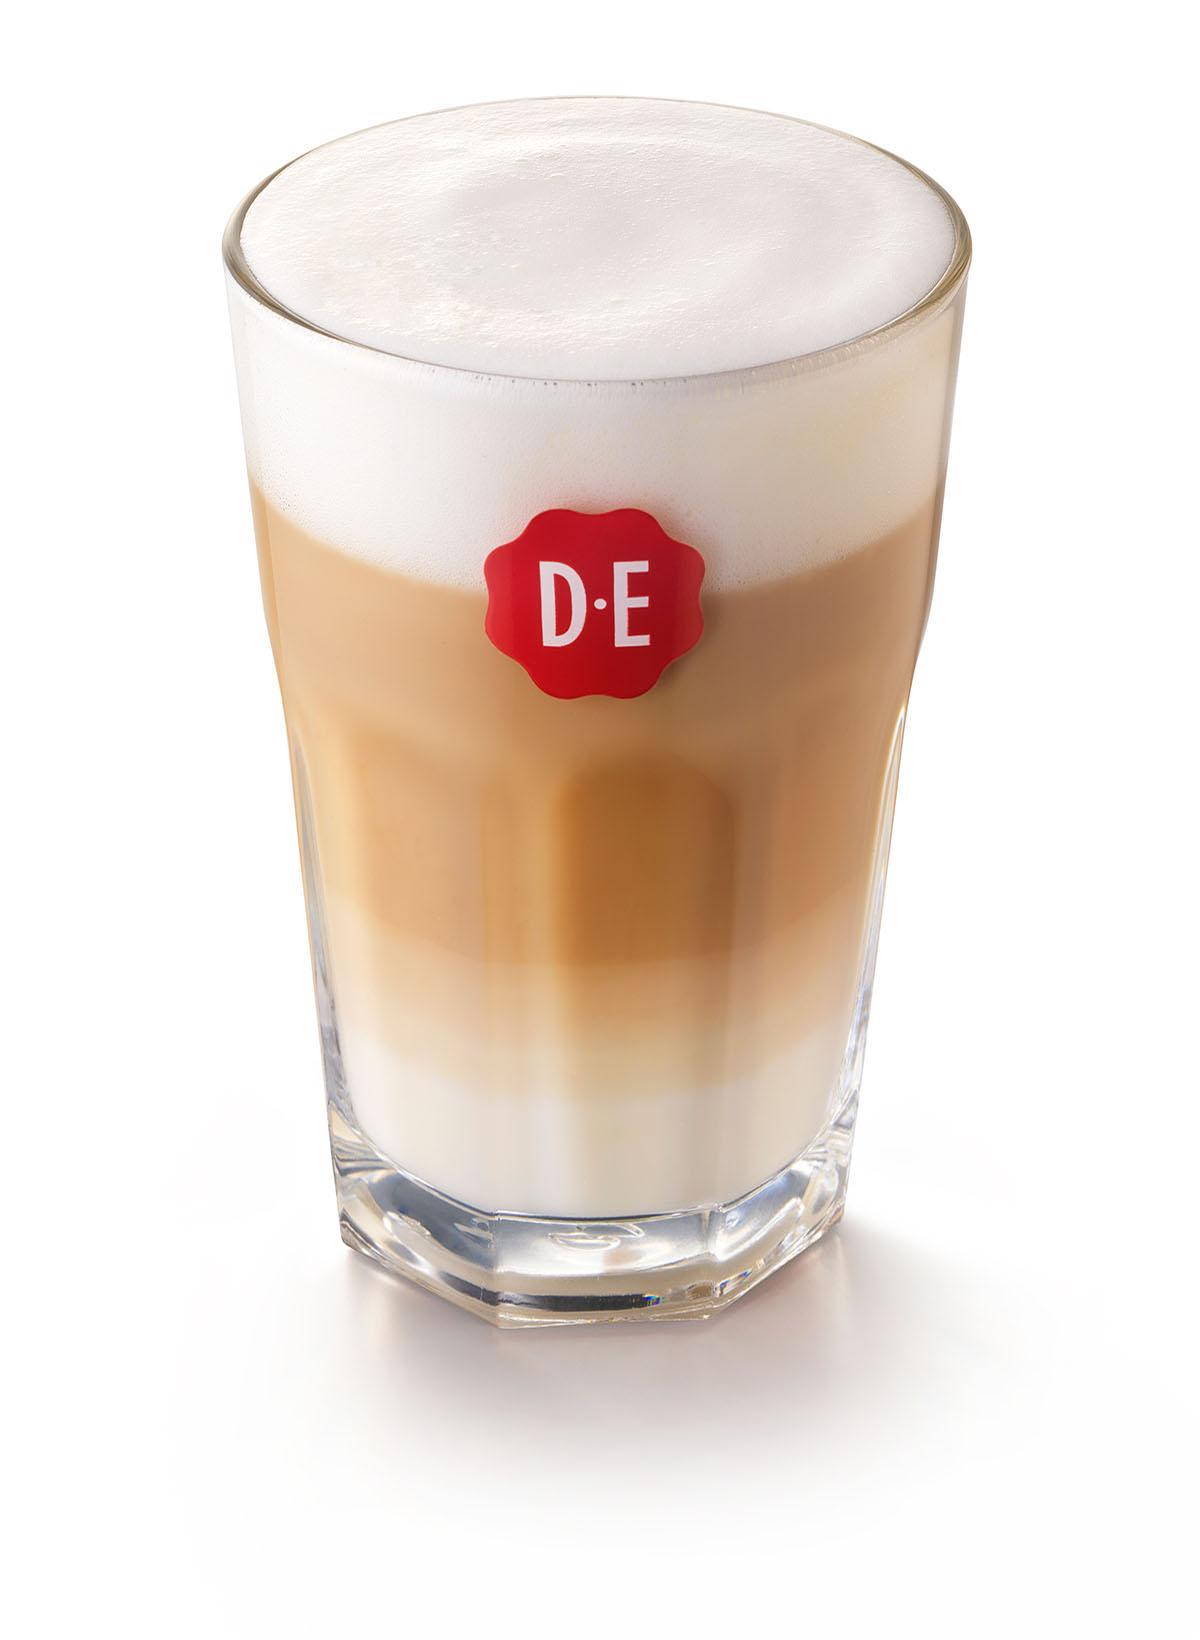 Packshots fotografie van DE's latte koffie met melkschuim gemaakt door Studio_m Fotografie Amsterdam